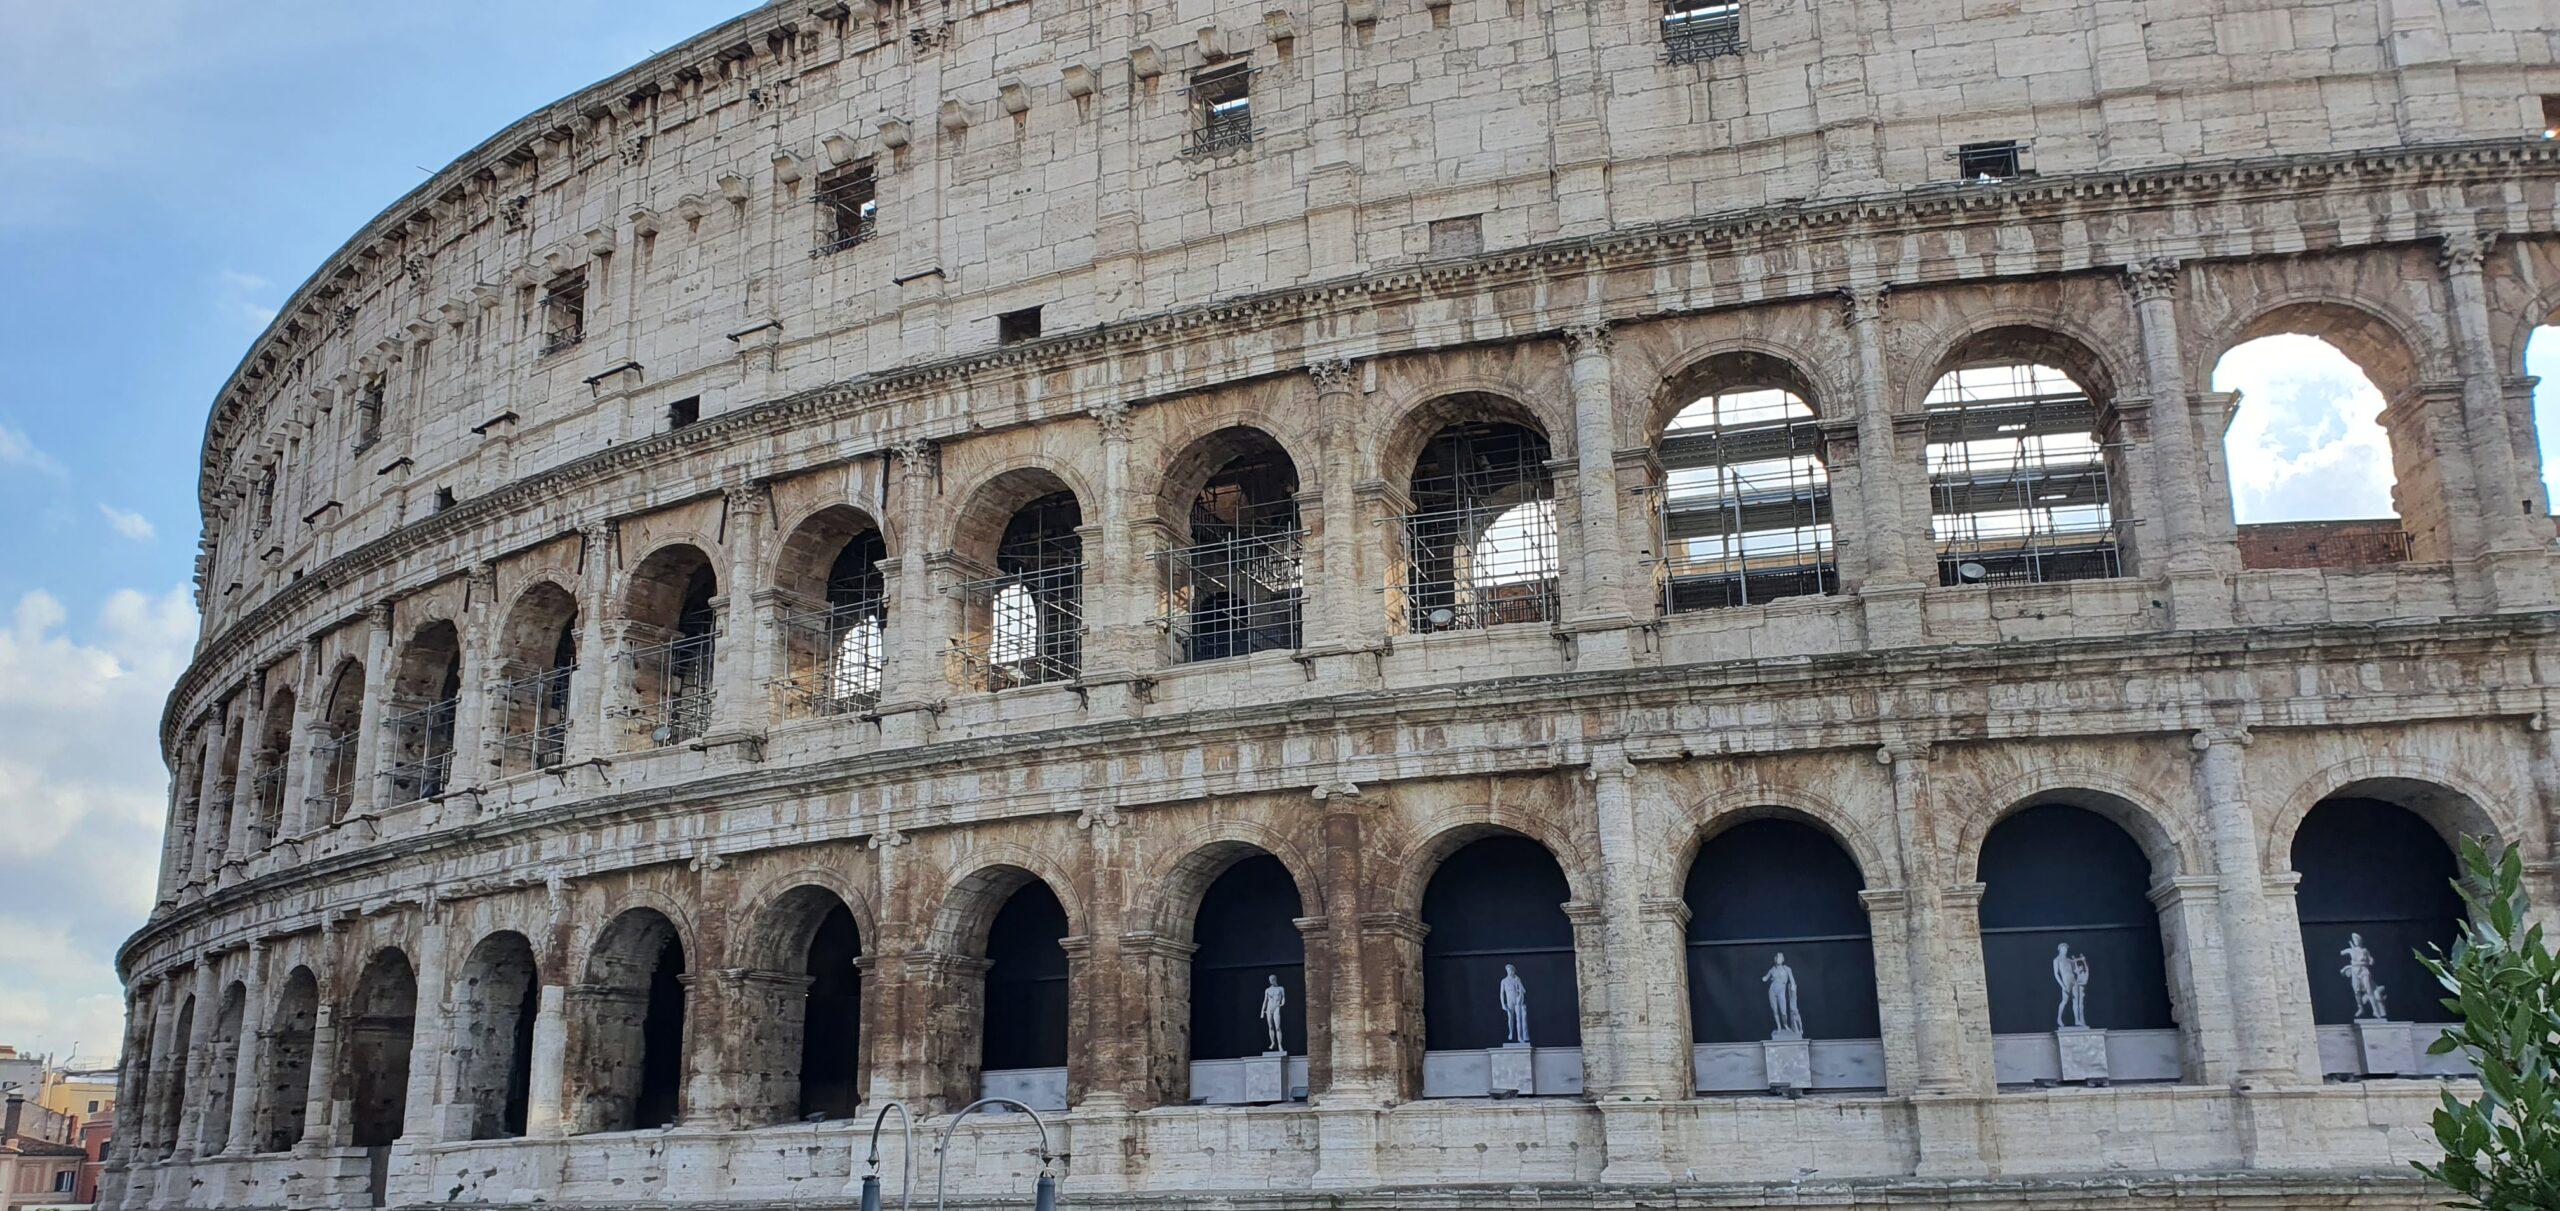 Colosseum, outside